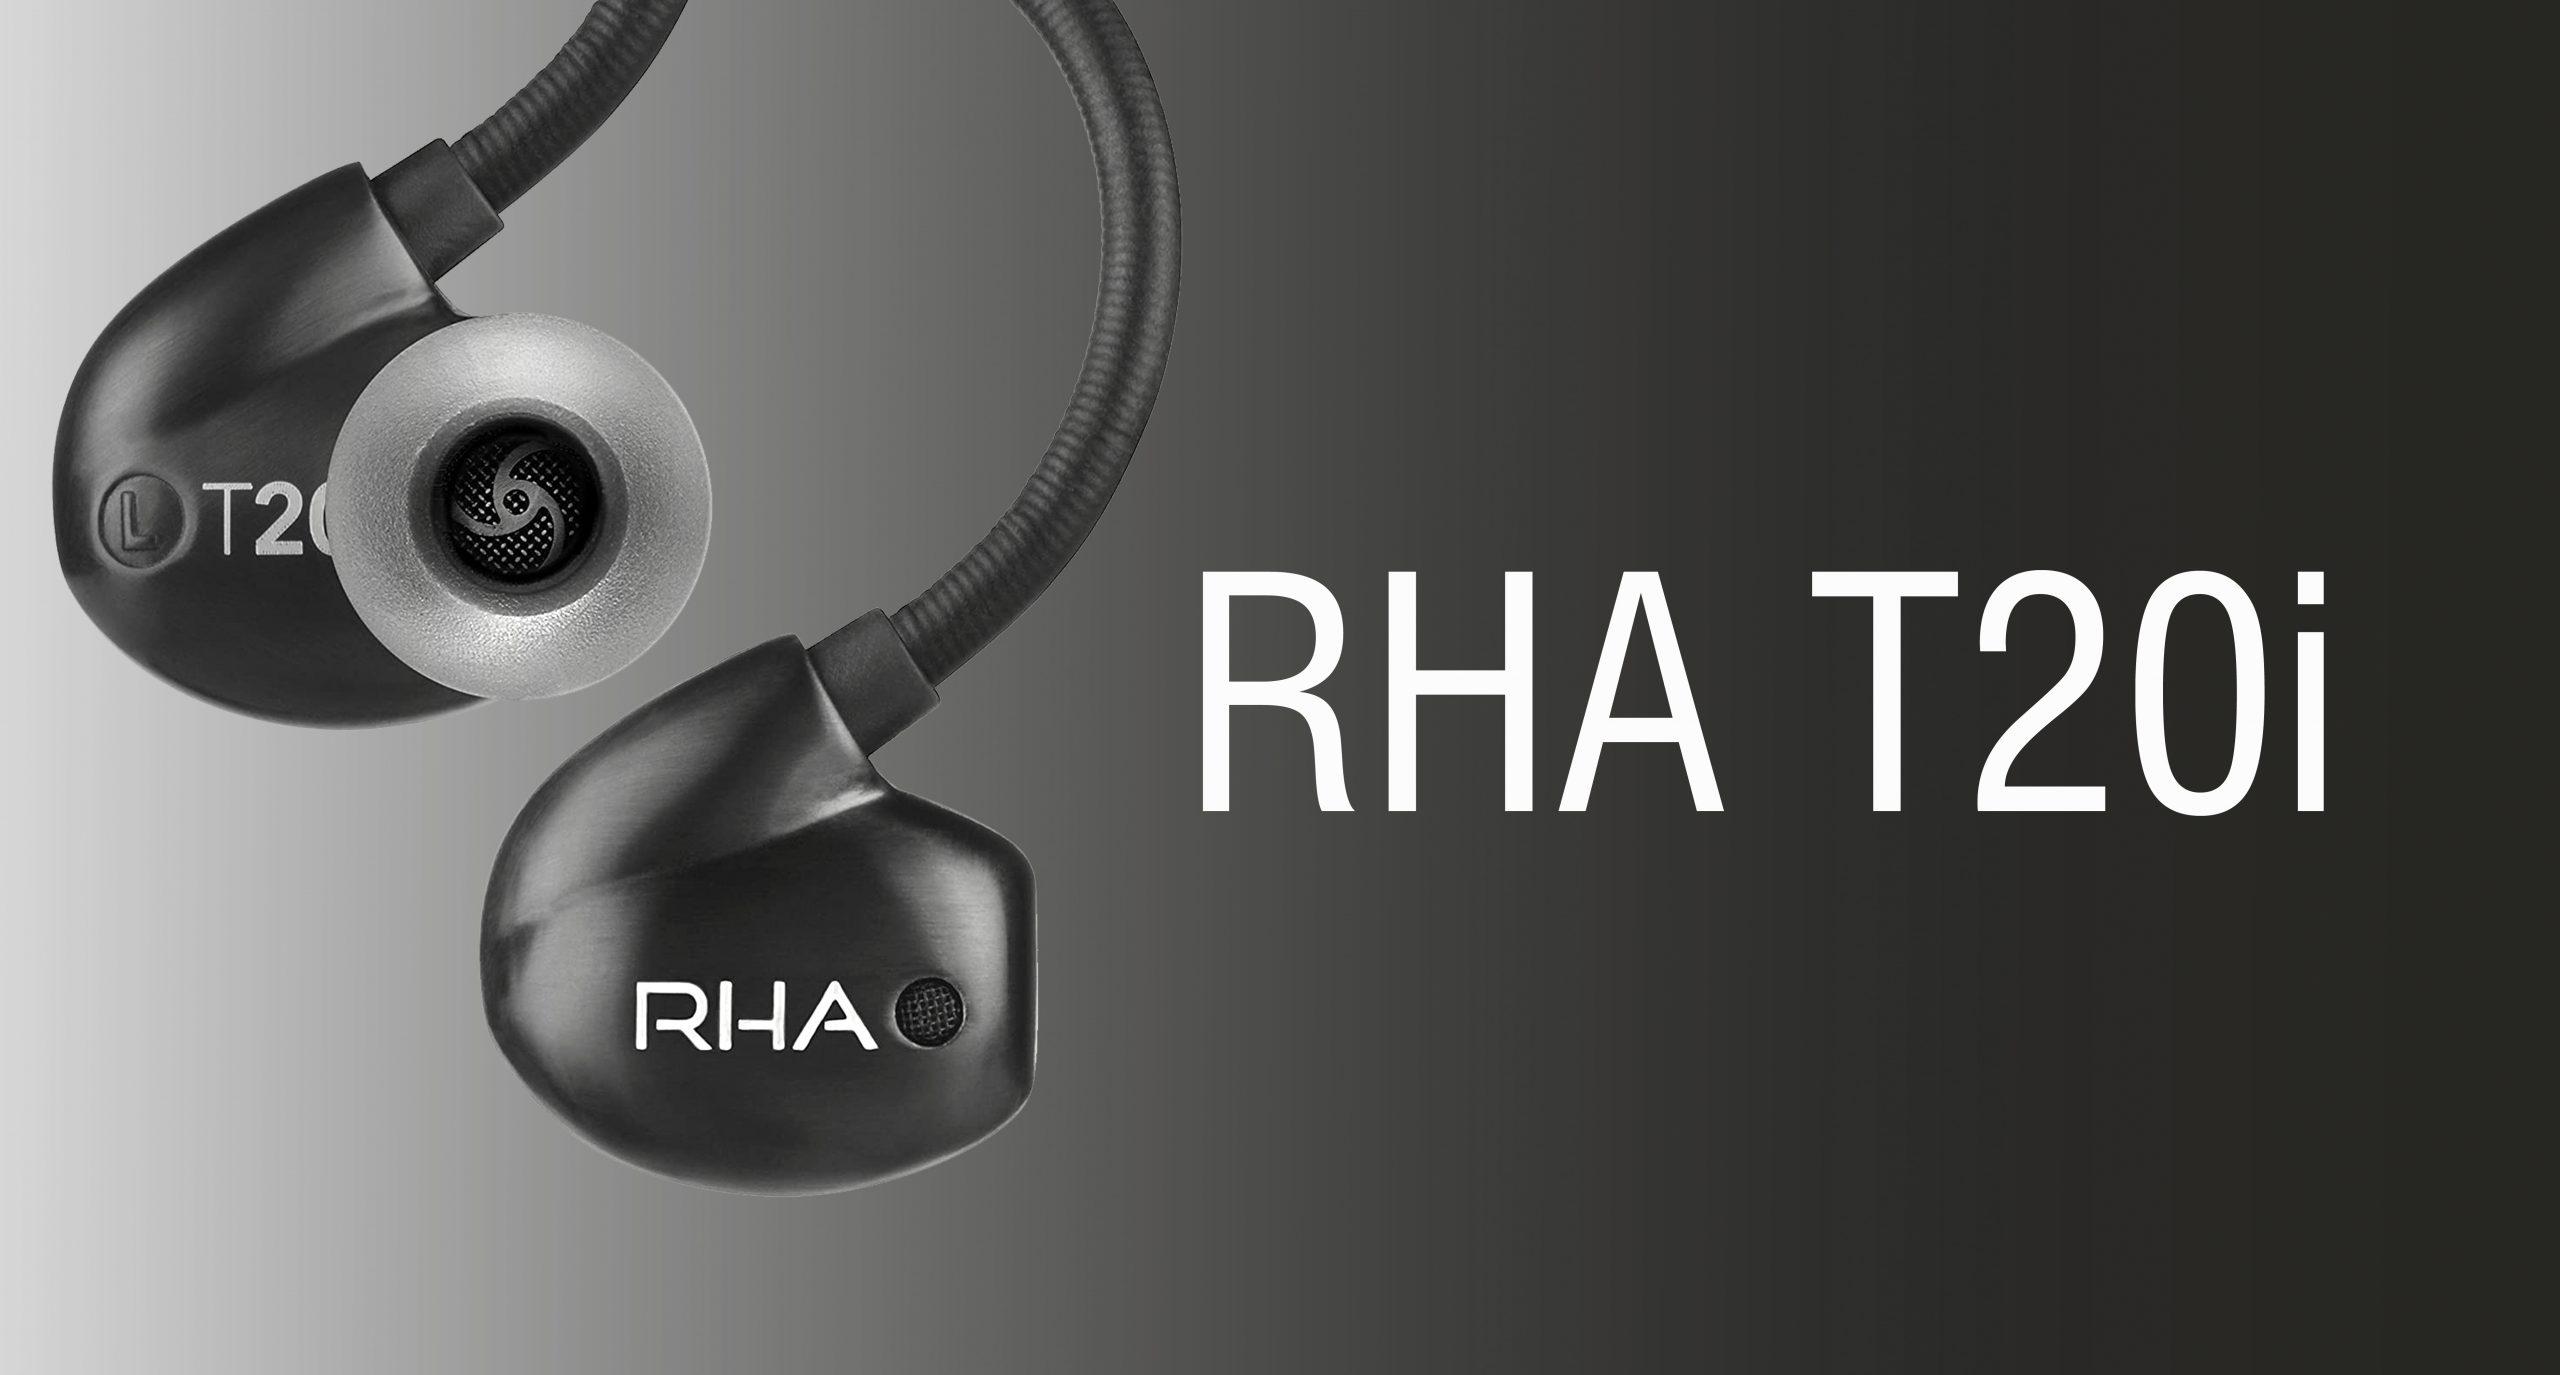 A Pair of RHA T20i Headphones